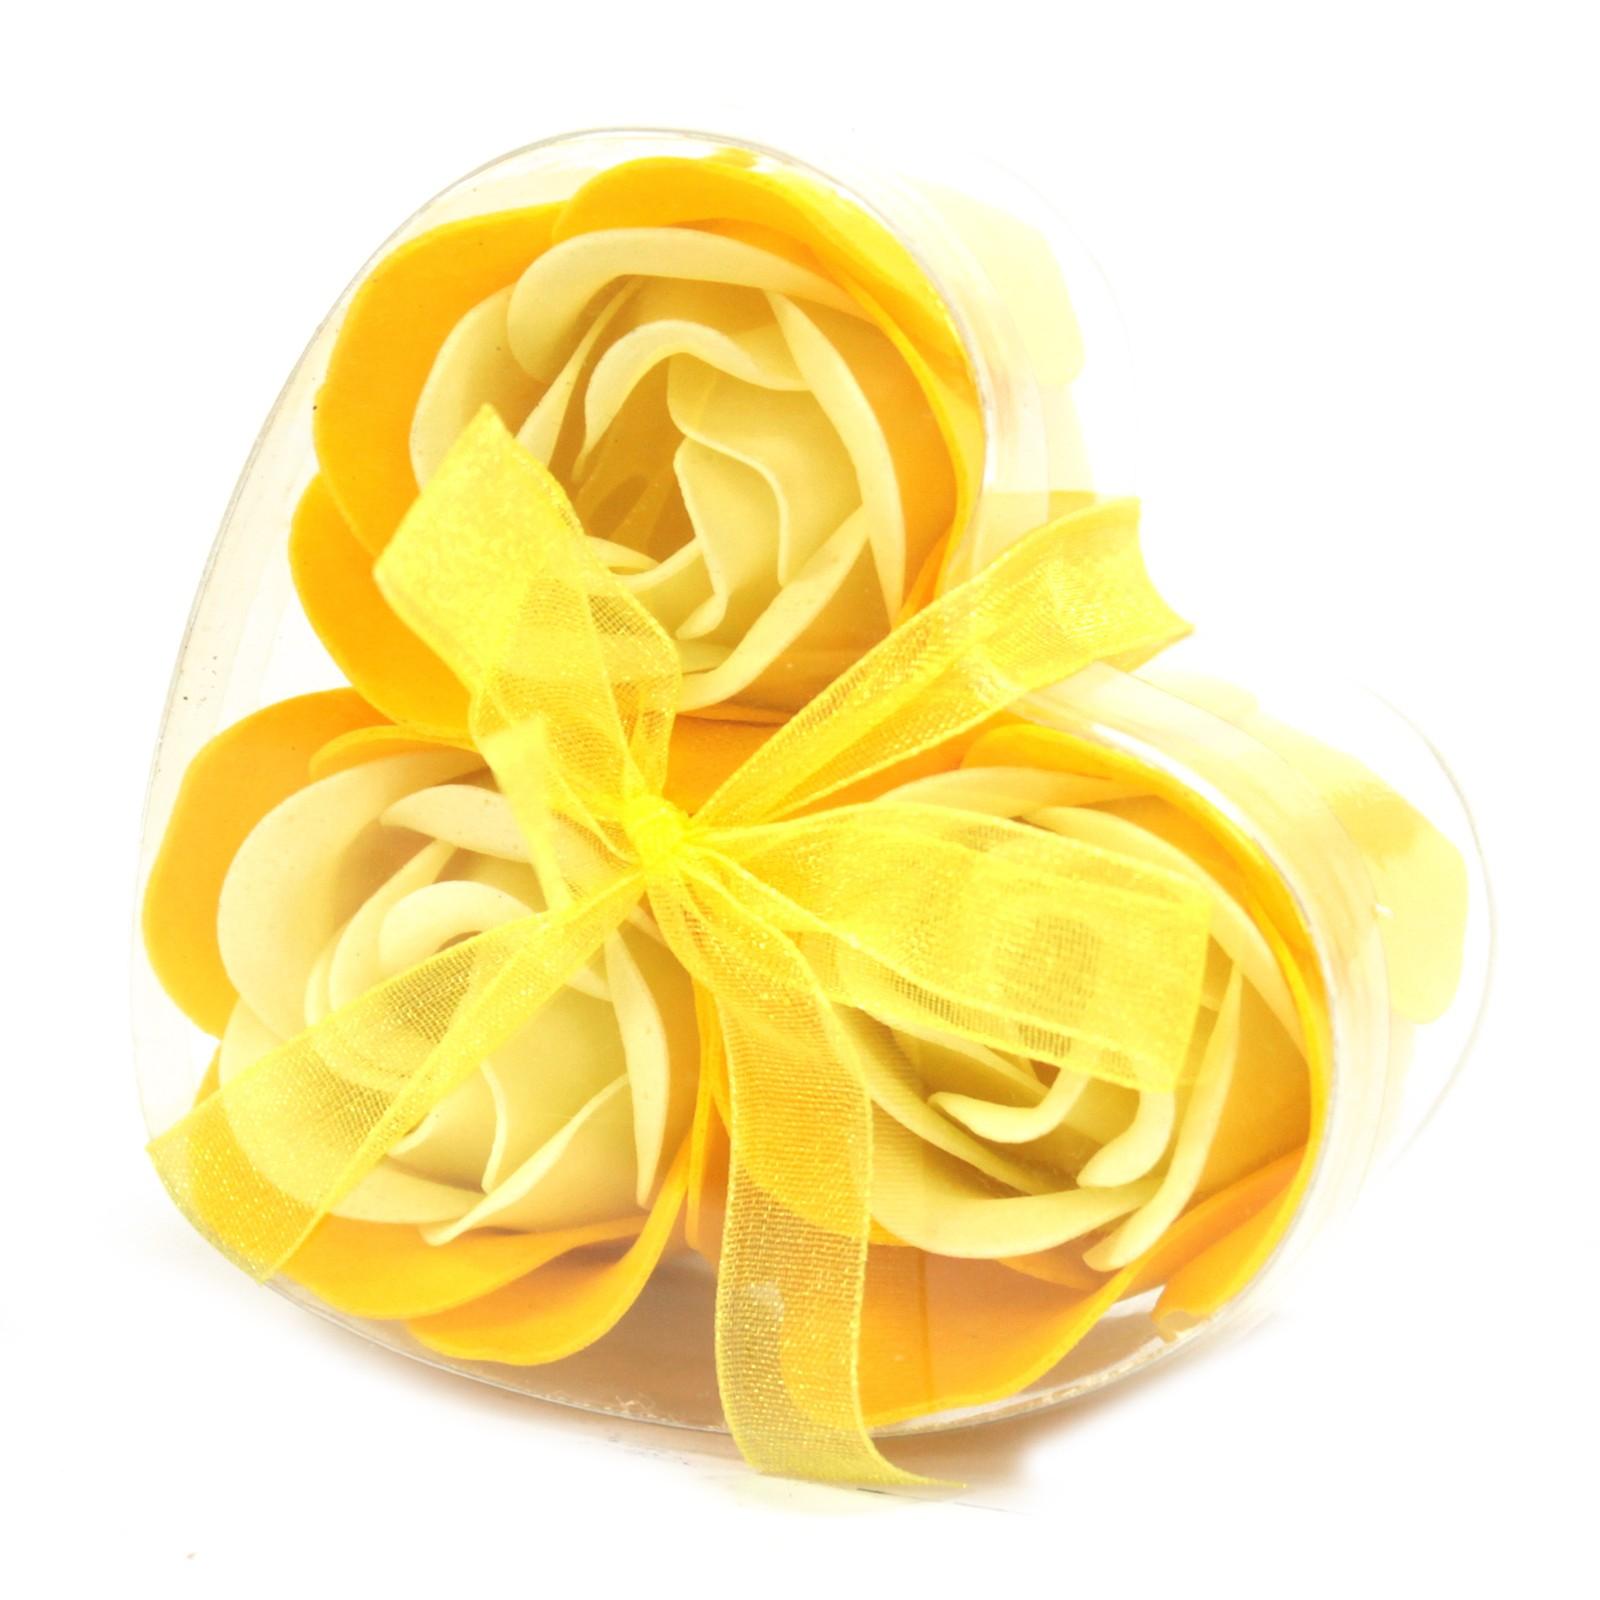 Set of 3 Soap Flower Heart Box Spring Roses